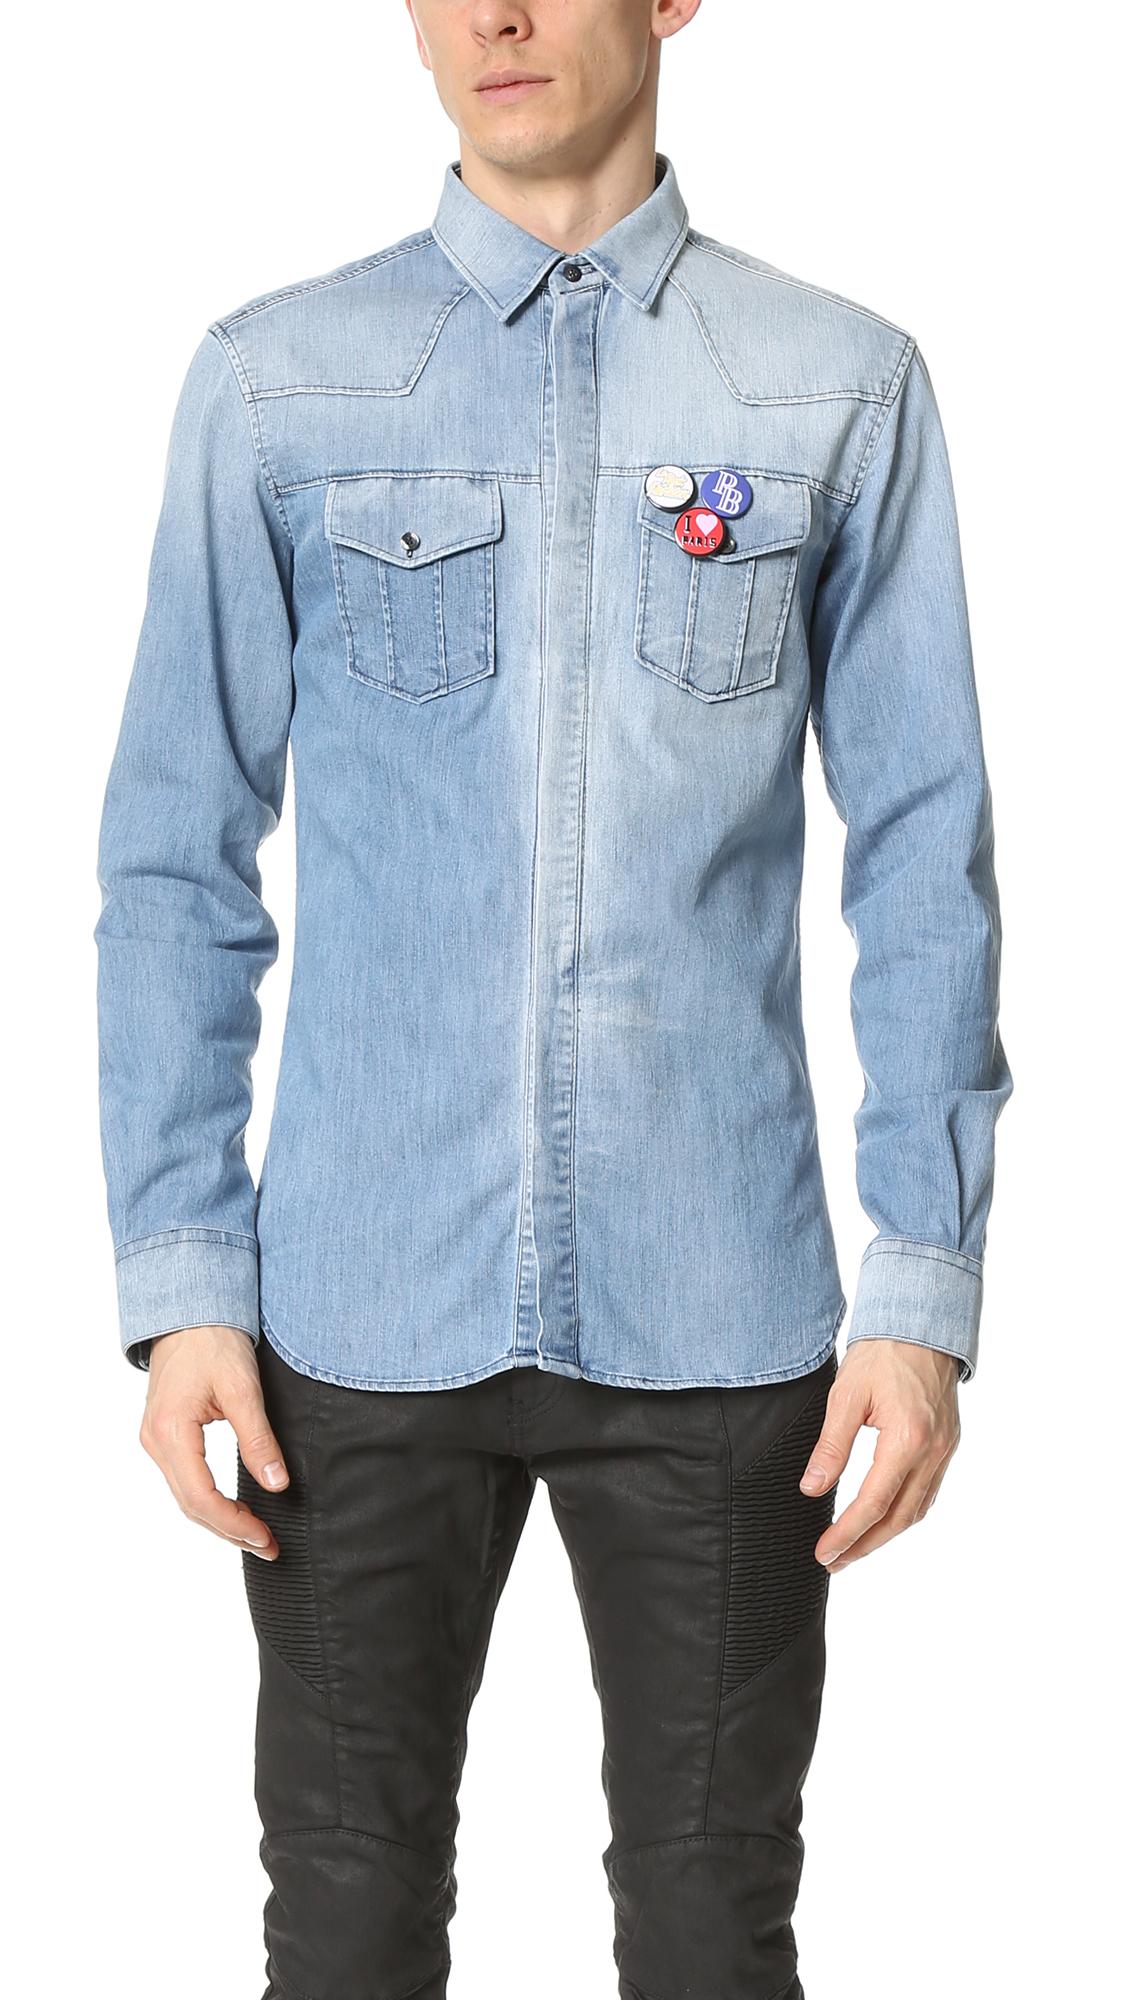 9822ff601e Pierre Balmain Buttons Denim Shirt In Light Blue